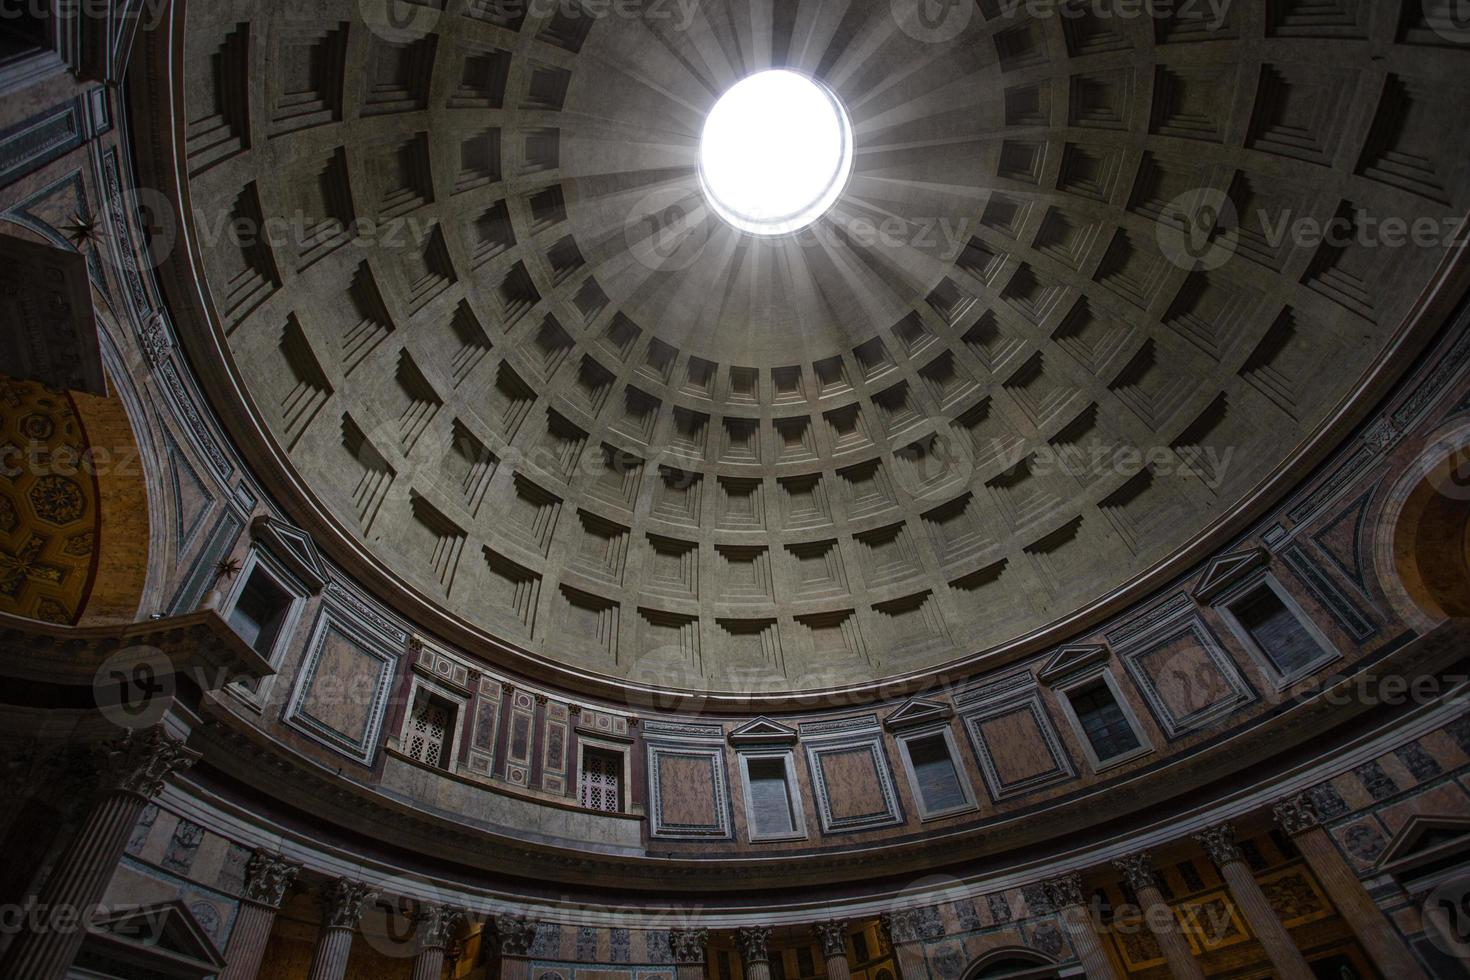 Shaft of light shining through oculus of Pantheon photo